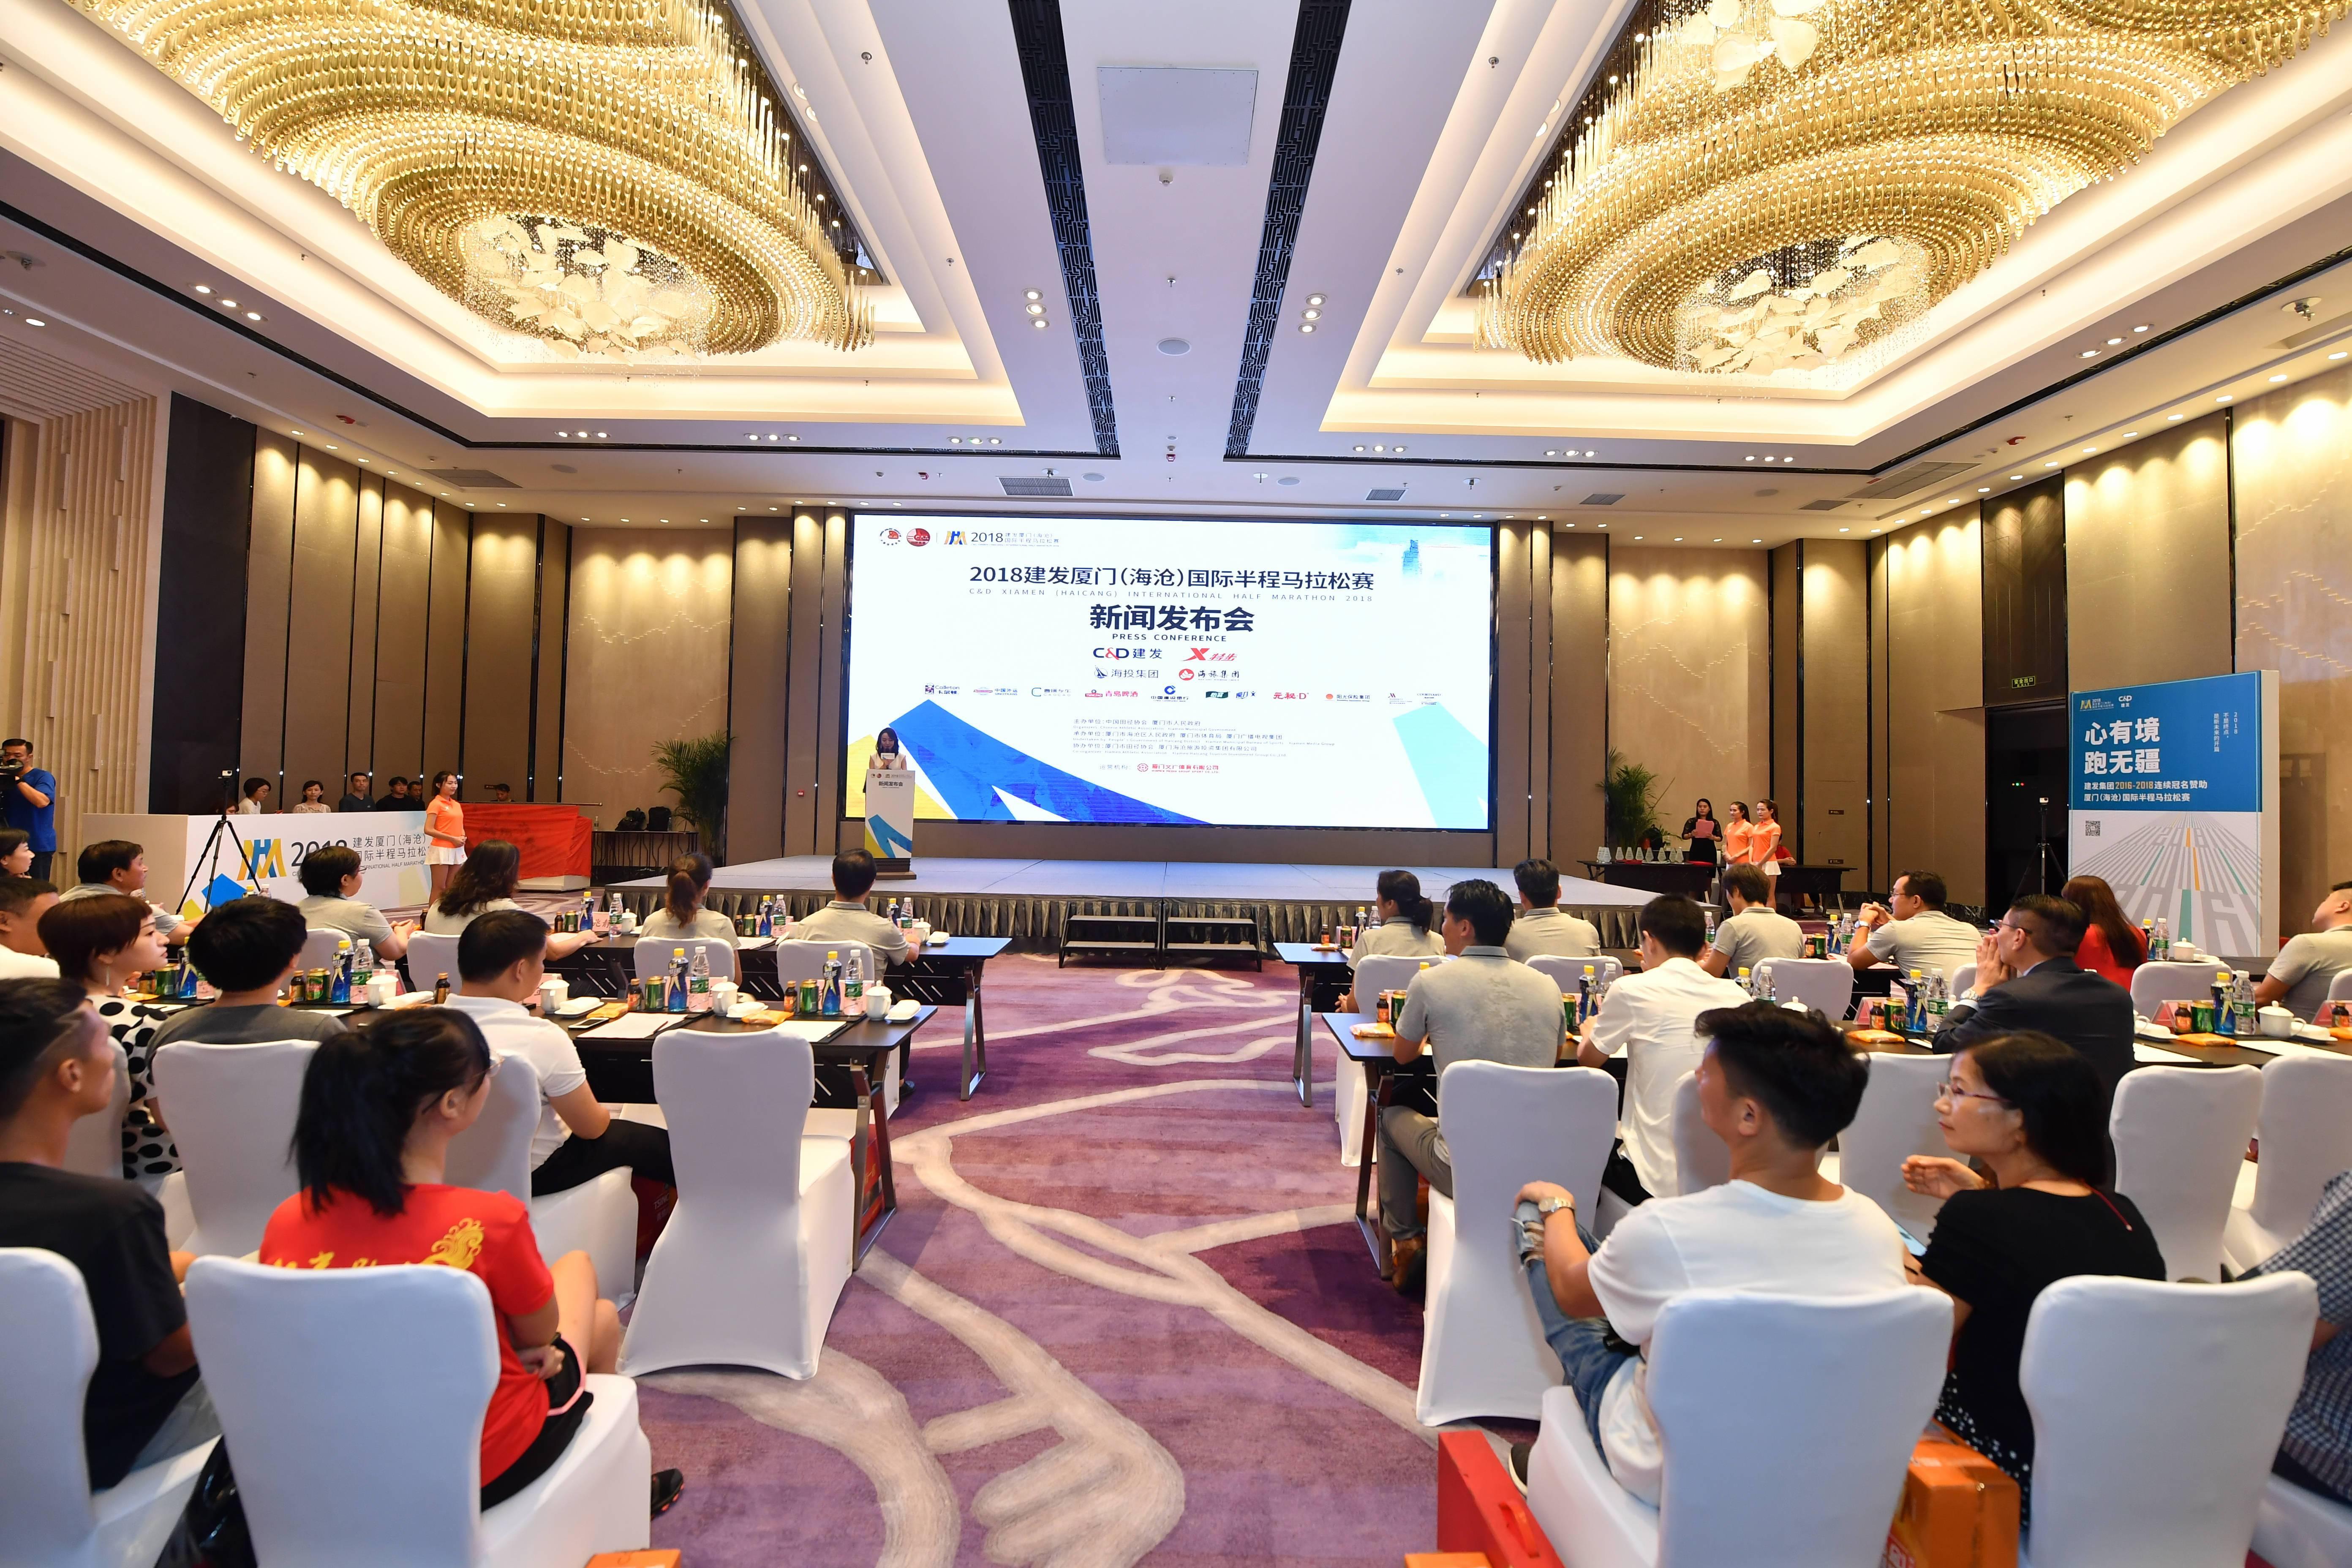 2018厦门(海沧)国际半程马拉松赛新闻发布会